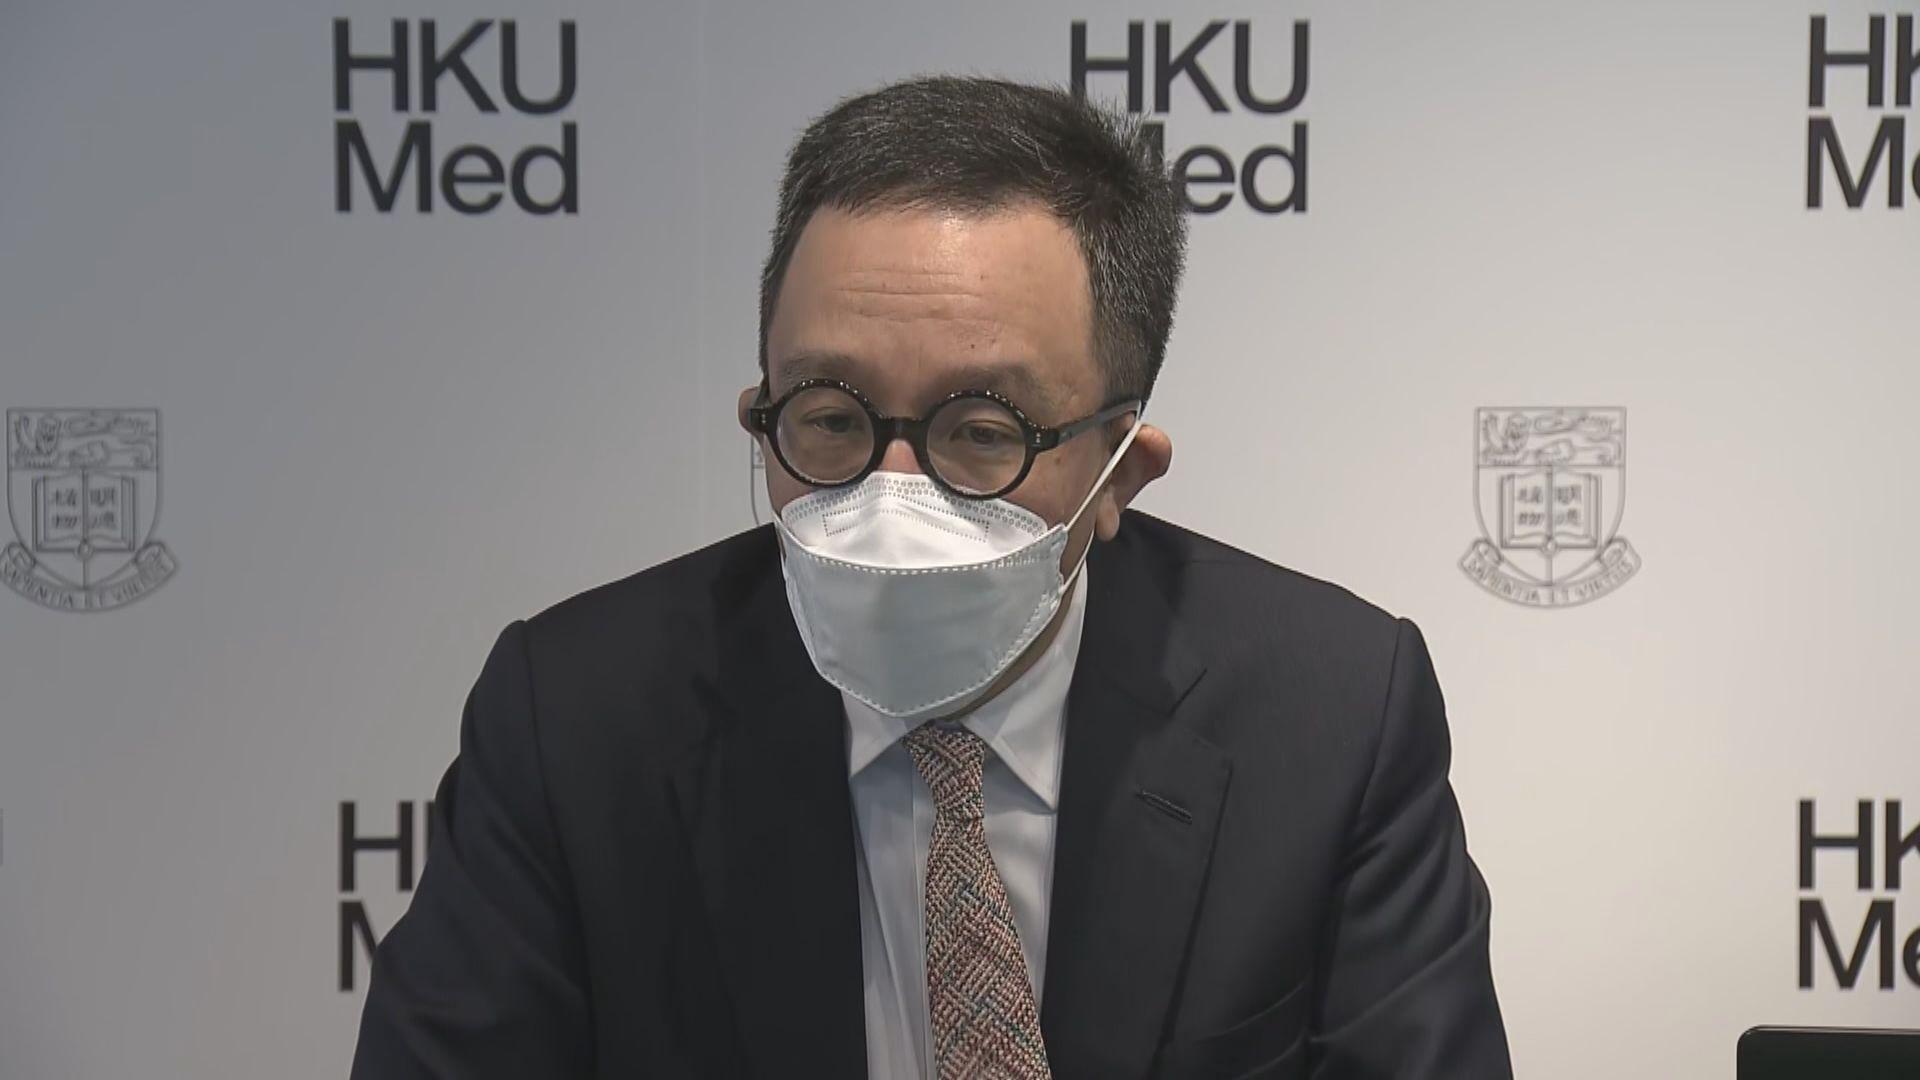 港大推算新型冠狀病毒死亡率為1.4% 低於沙士